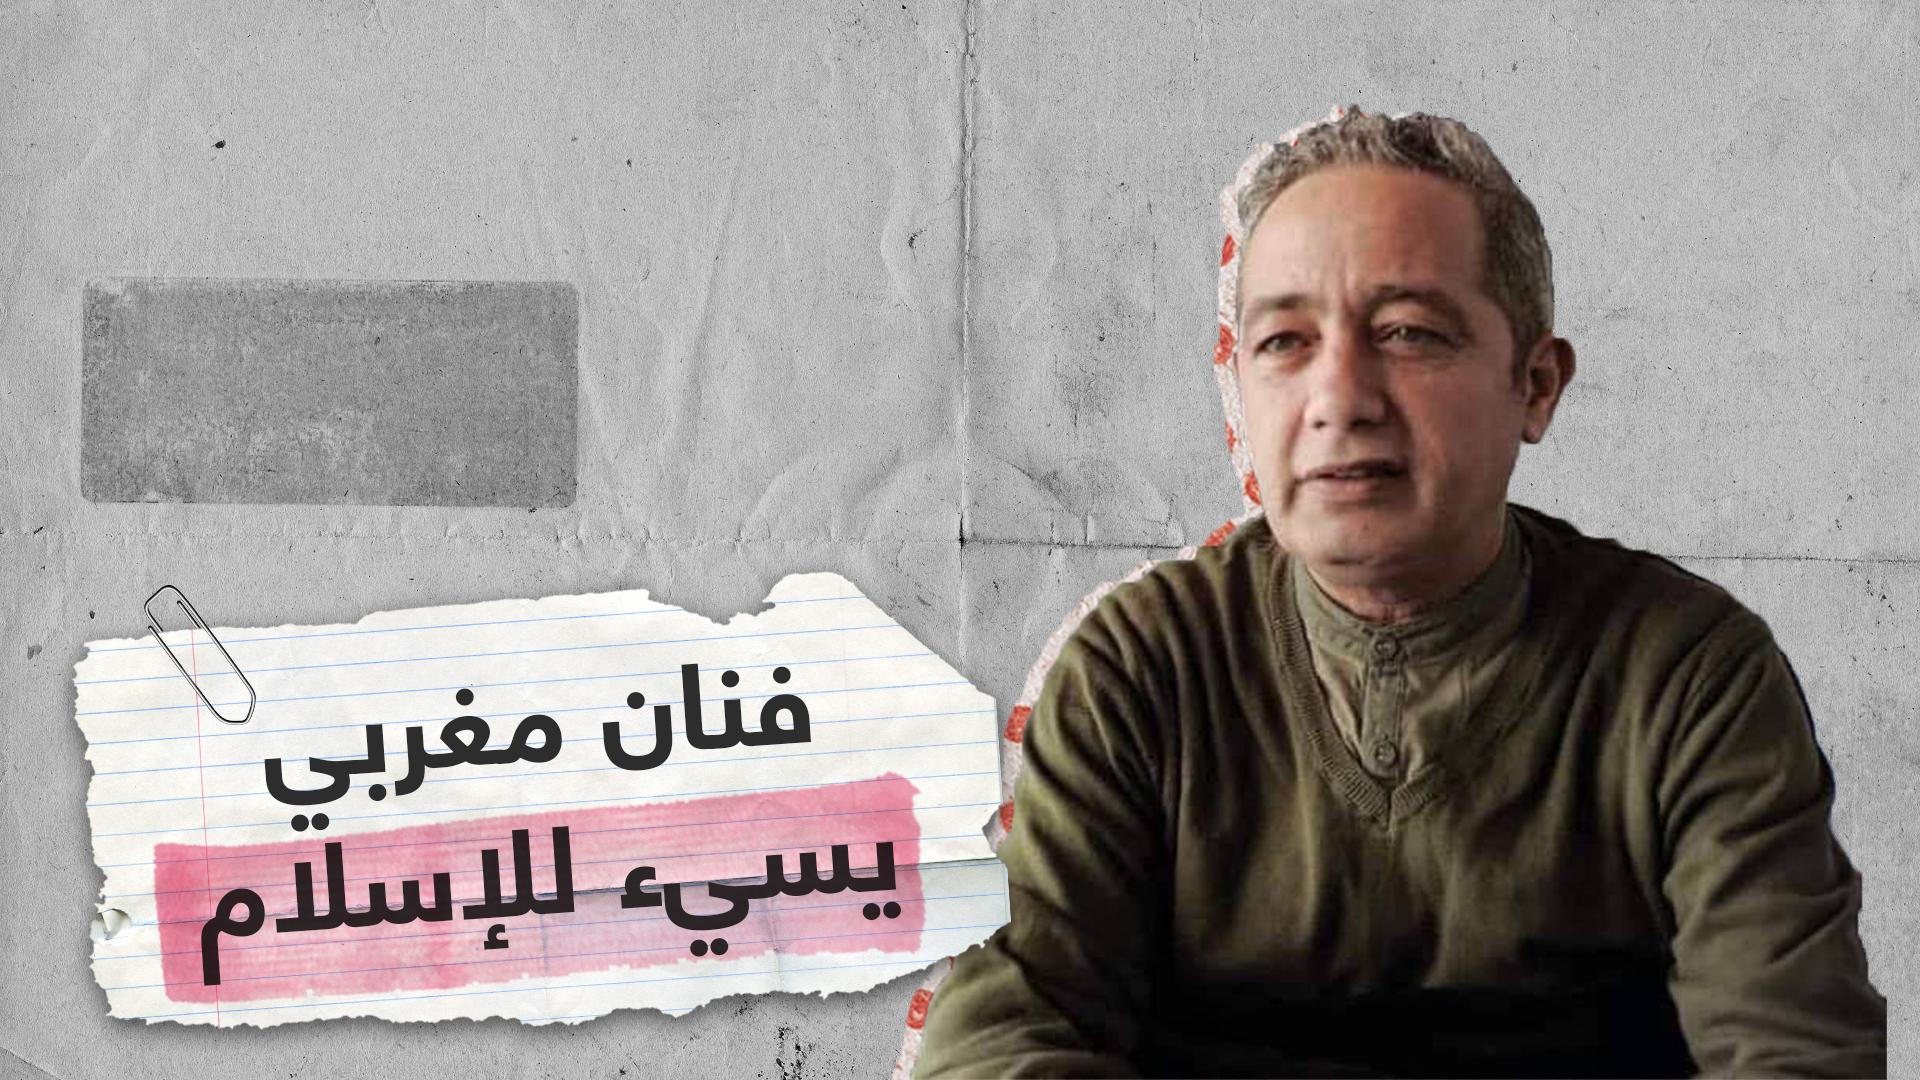 """فنان مغربي يثير جدلا على مواقع التواصل بعد نشره فيديو """"يسيء للإسلام"""""""